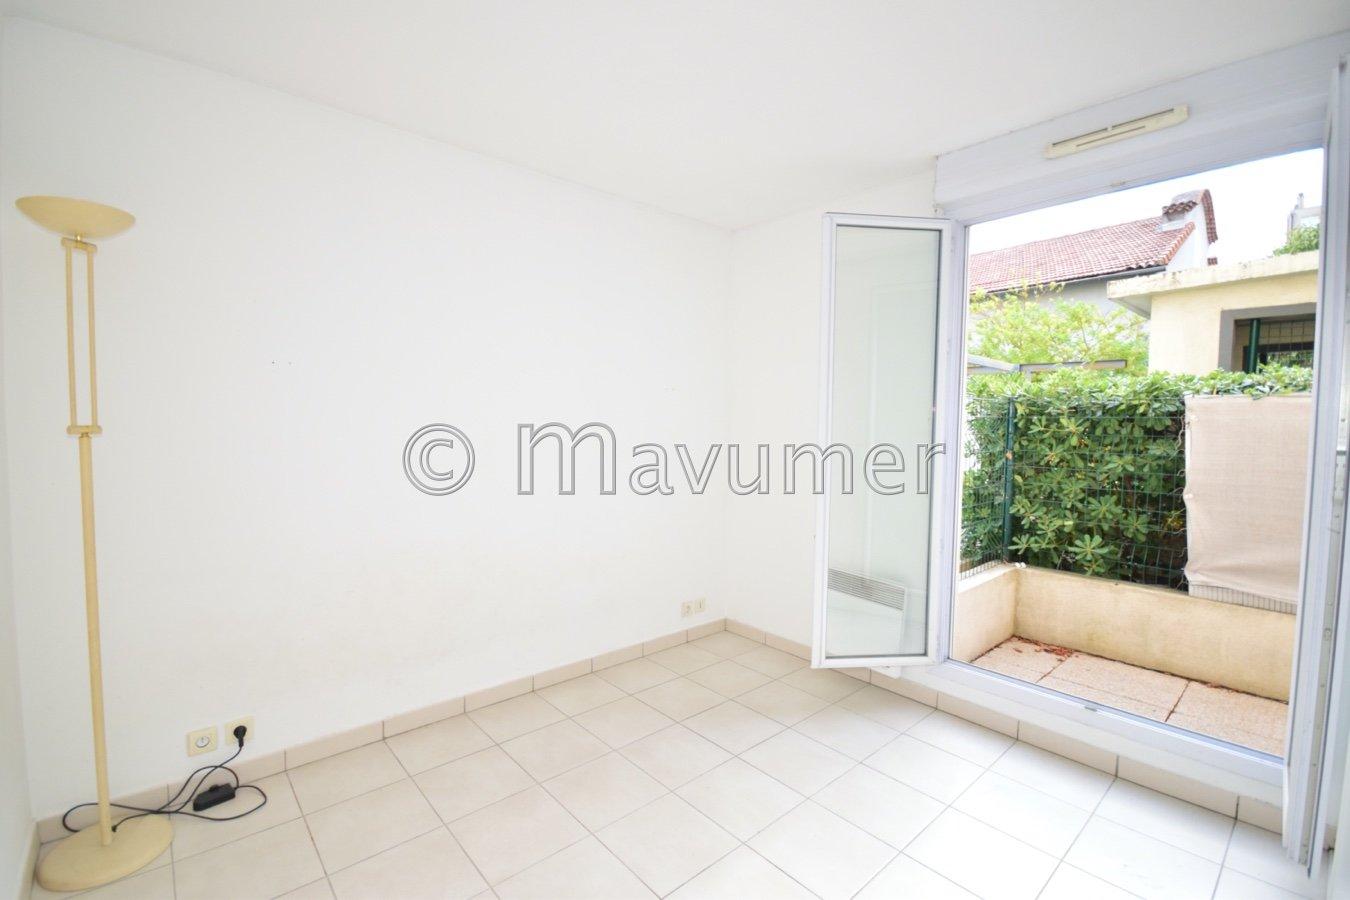 Appartement T3 Terrasse & parking 13010 Marseille - La Capelette